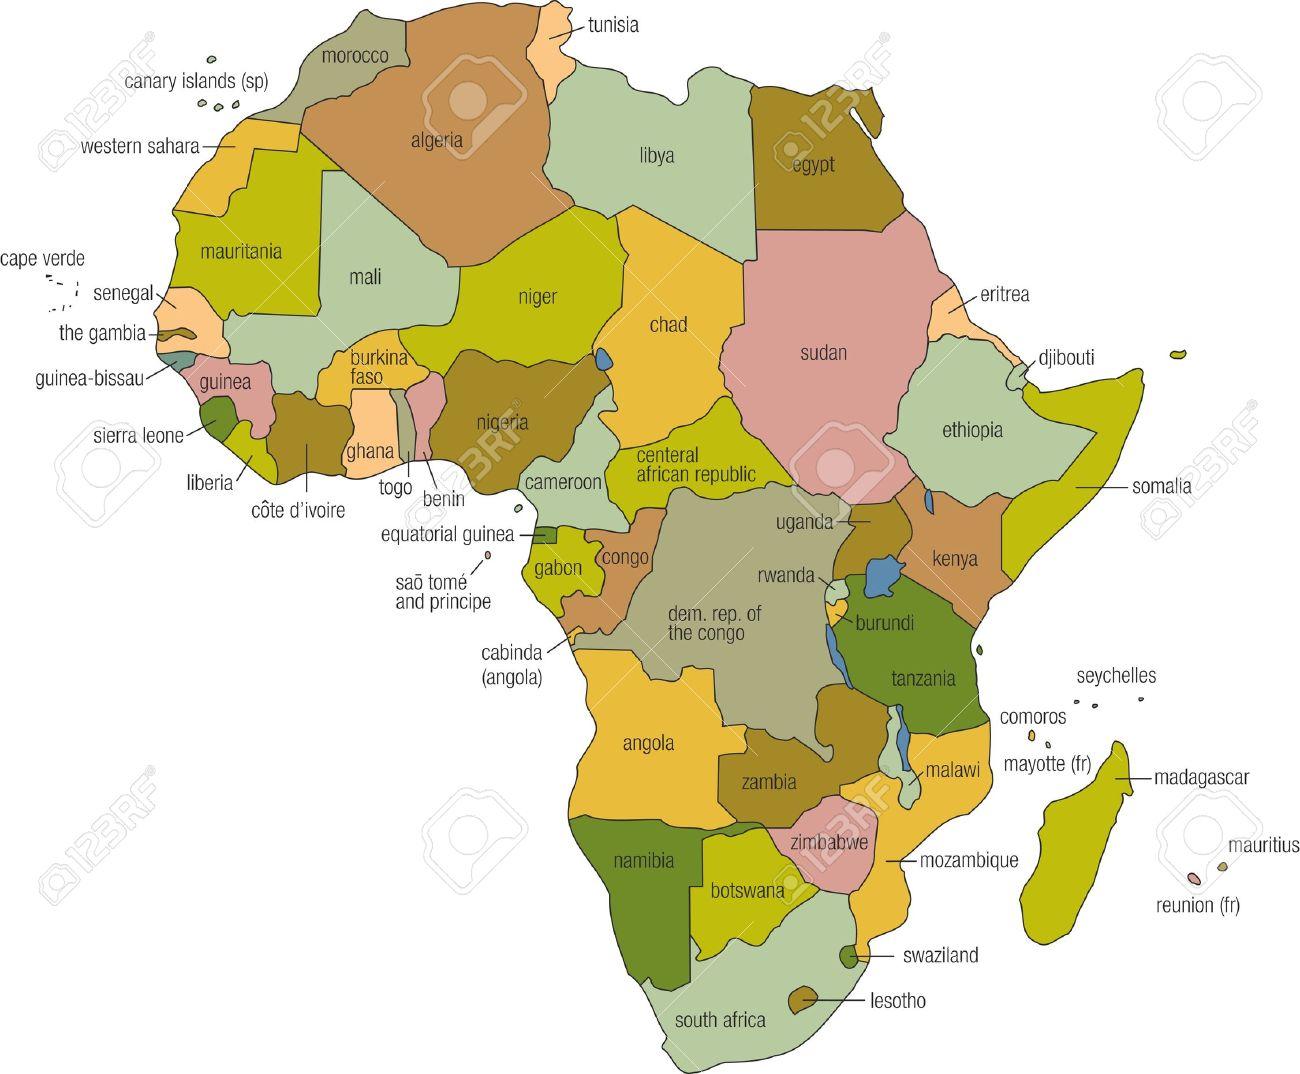 Carte Afrique Avec Pays.Une Carte En Couleurs De L Afrique Avec Des Noms De Pays Appeles